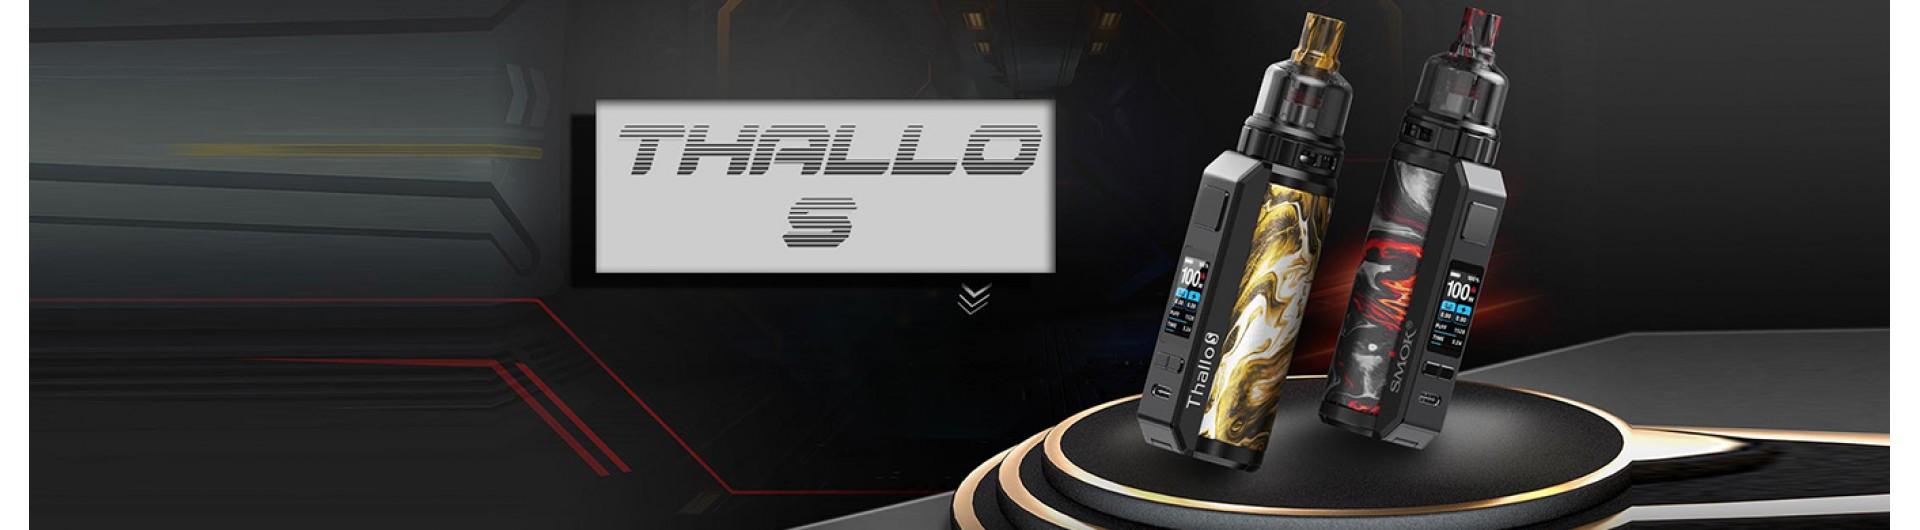 SMOK Thallo S 100W Pod Mod Kit